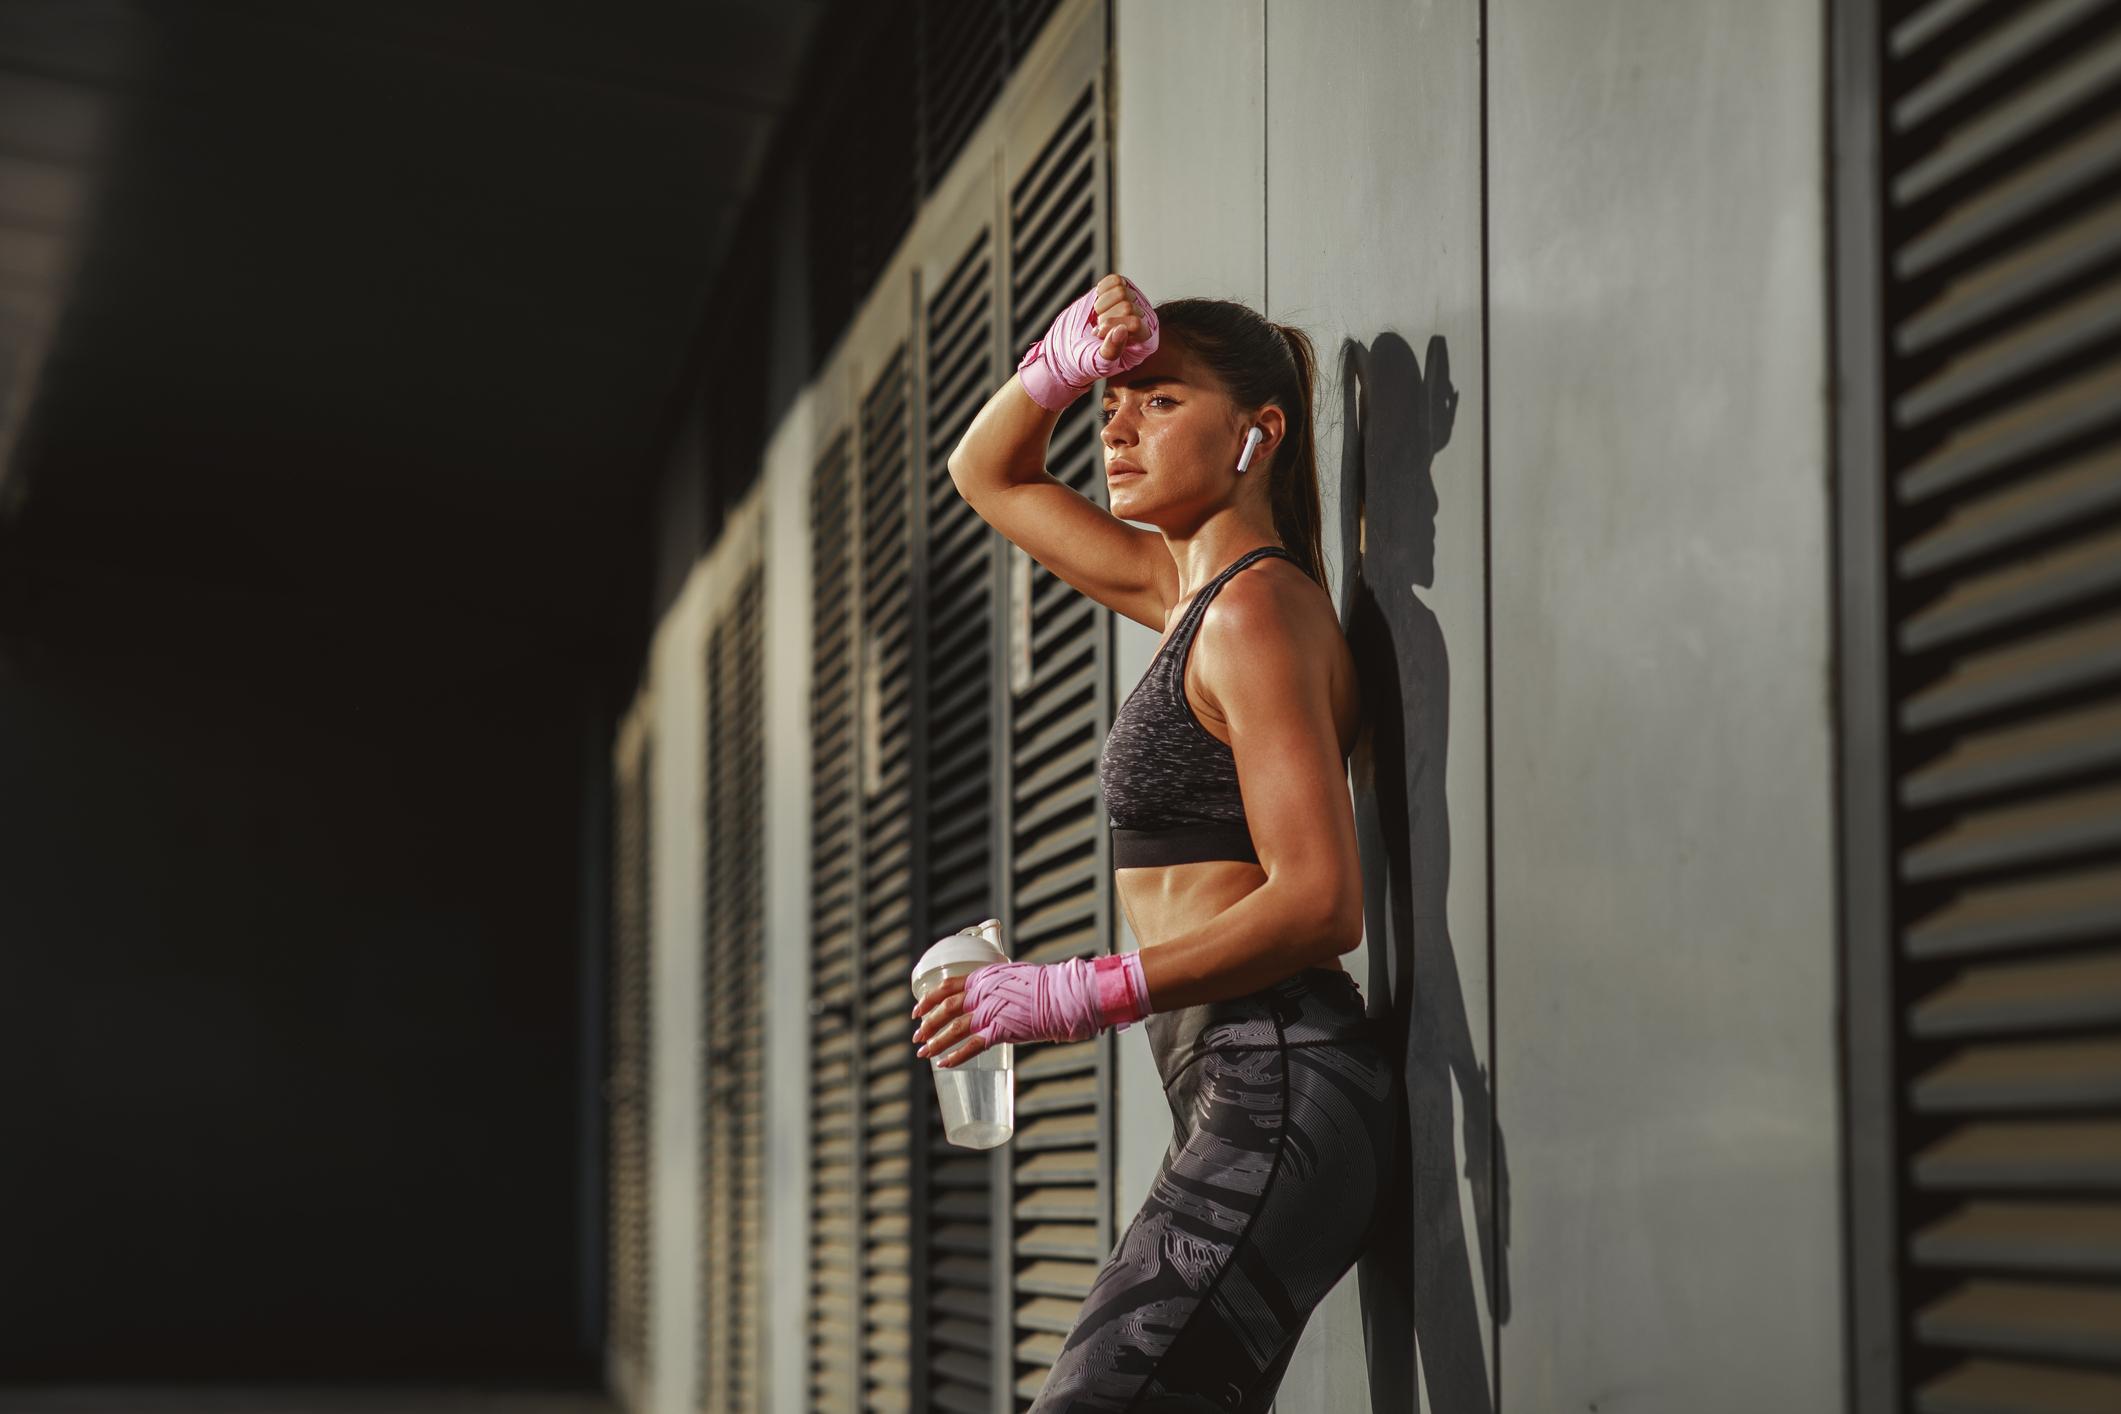 Gotovo je nemoguće održati zdravu težinu samo vježbajući, jer vrlo vjerojatno nećete ostvariti potreban kalorijski deficit.